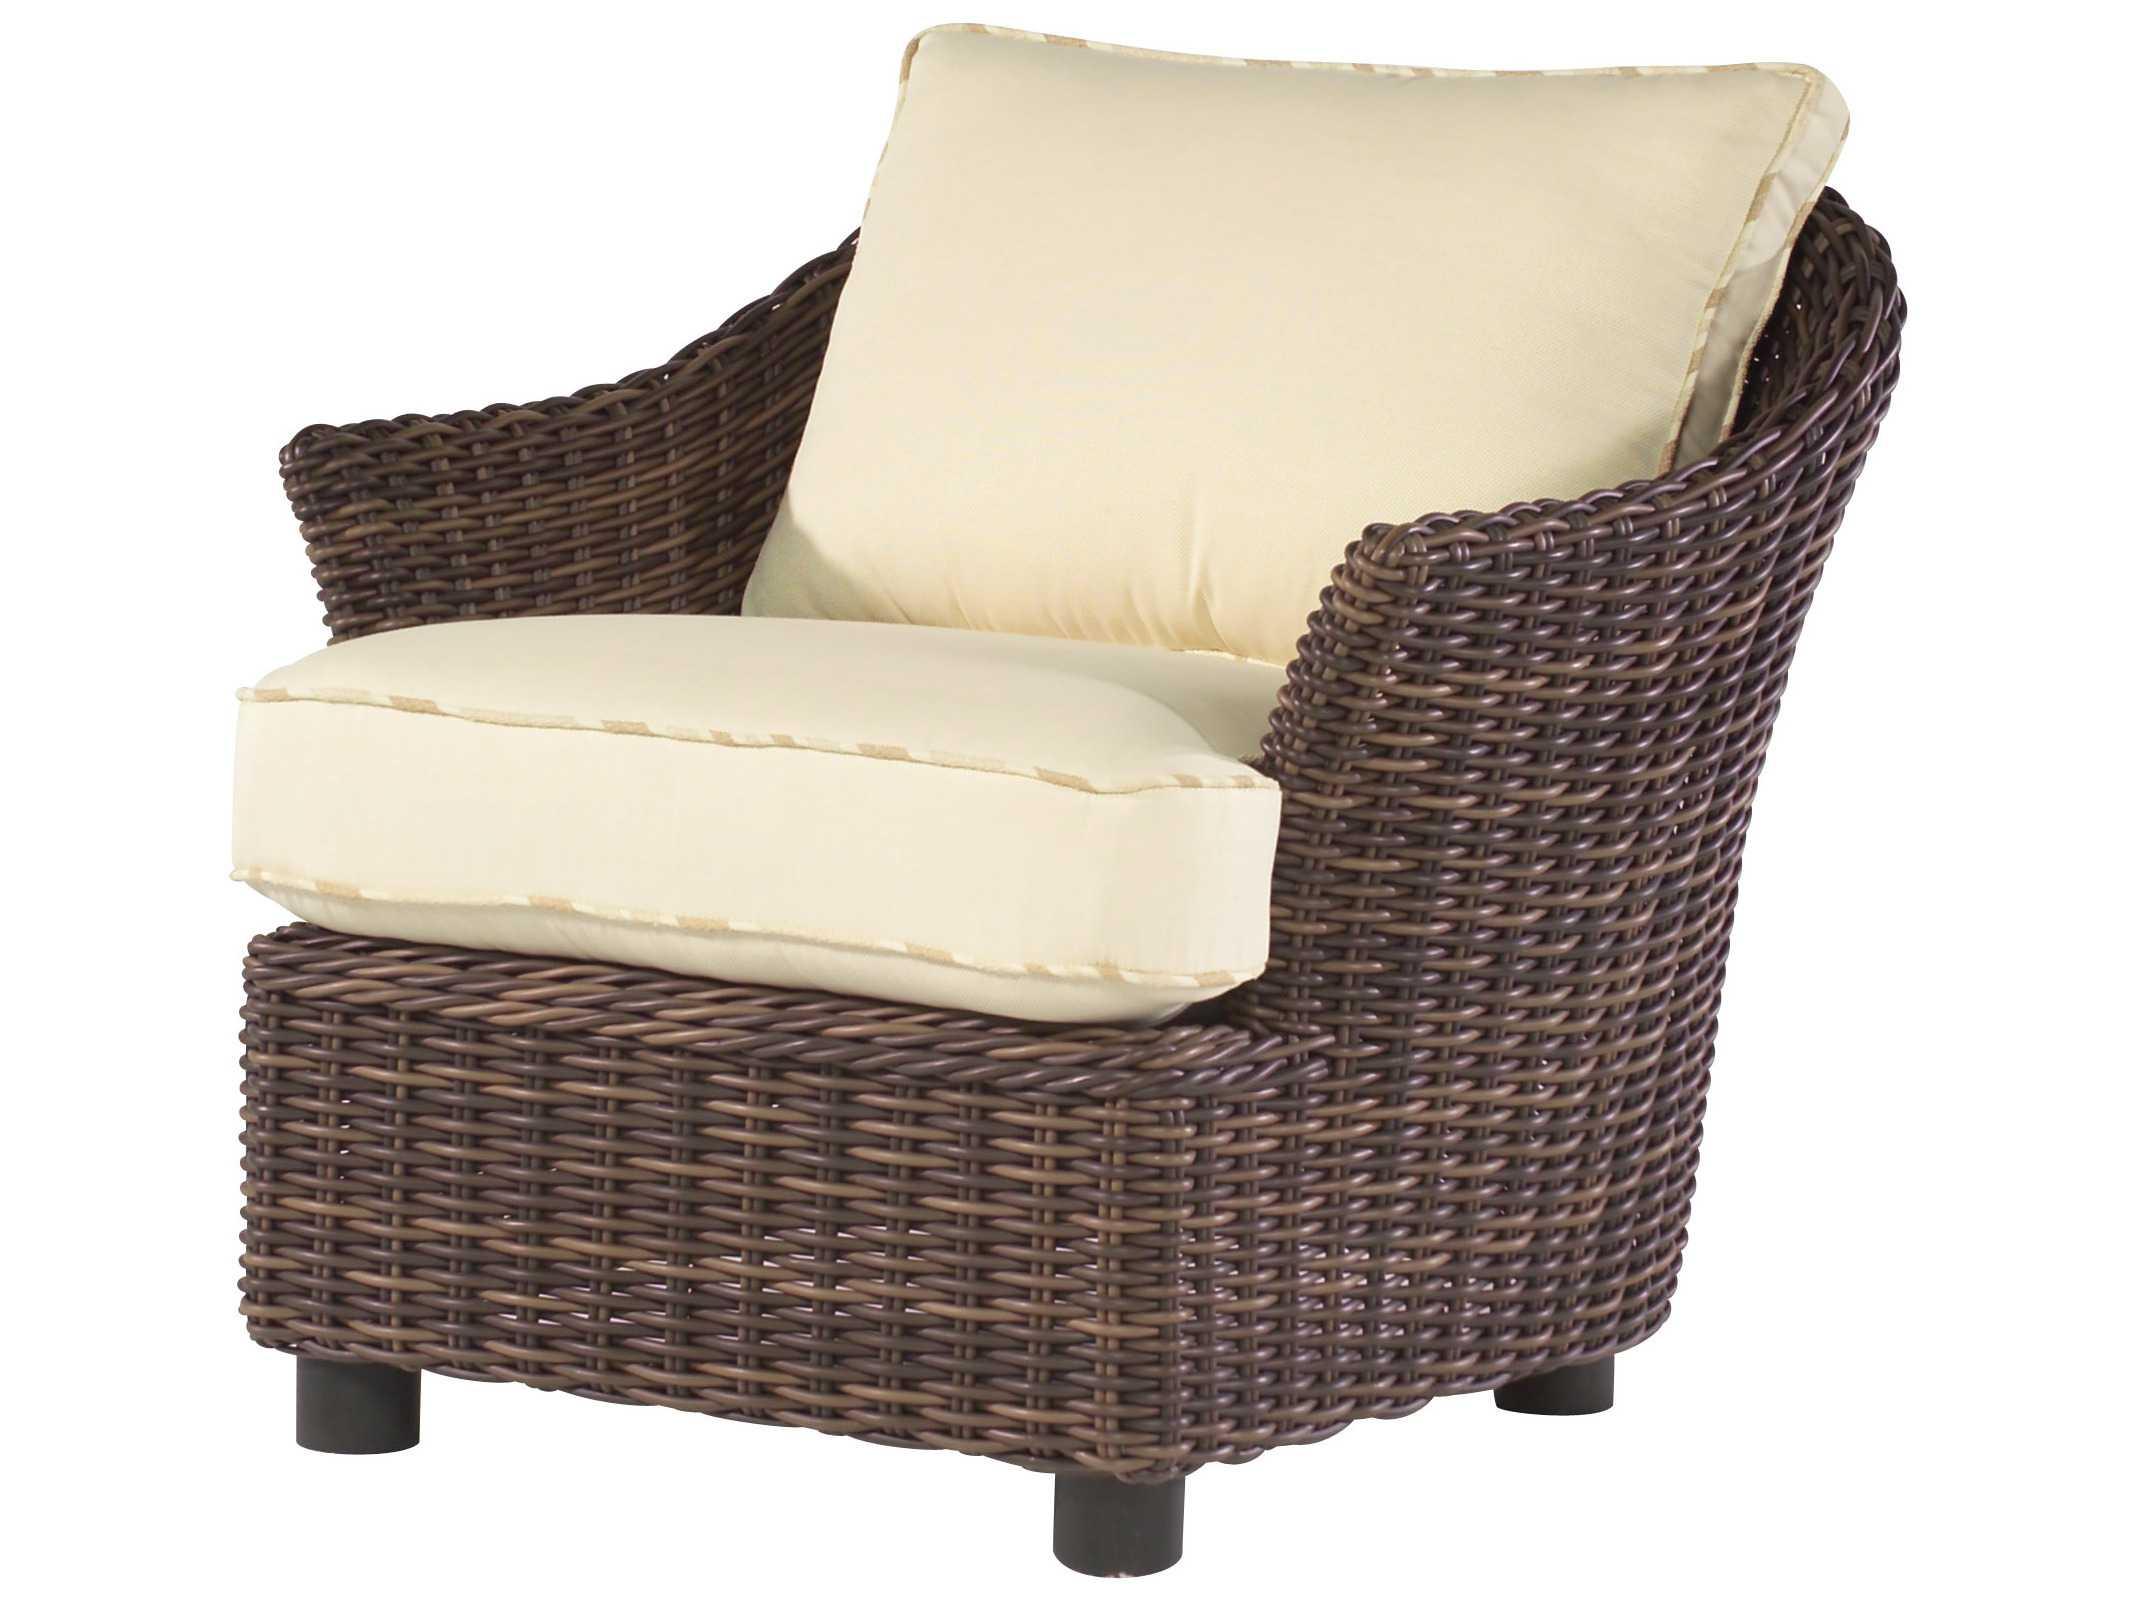 Whitecraft Sonoma Wicker Lounge Chair